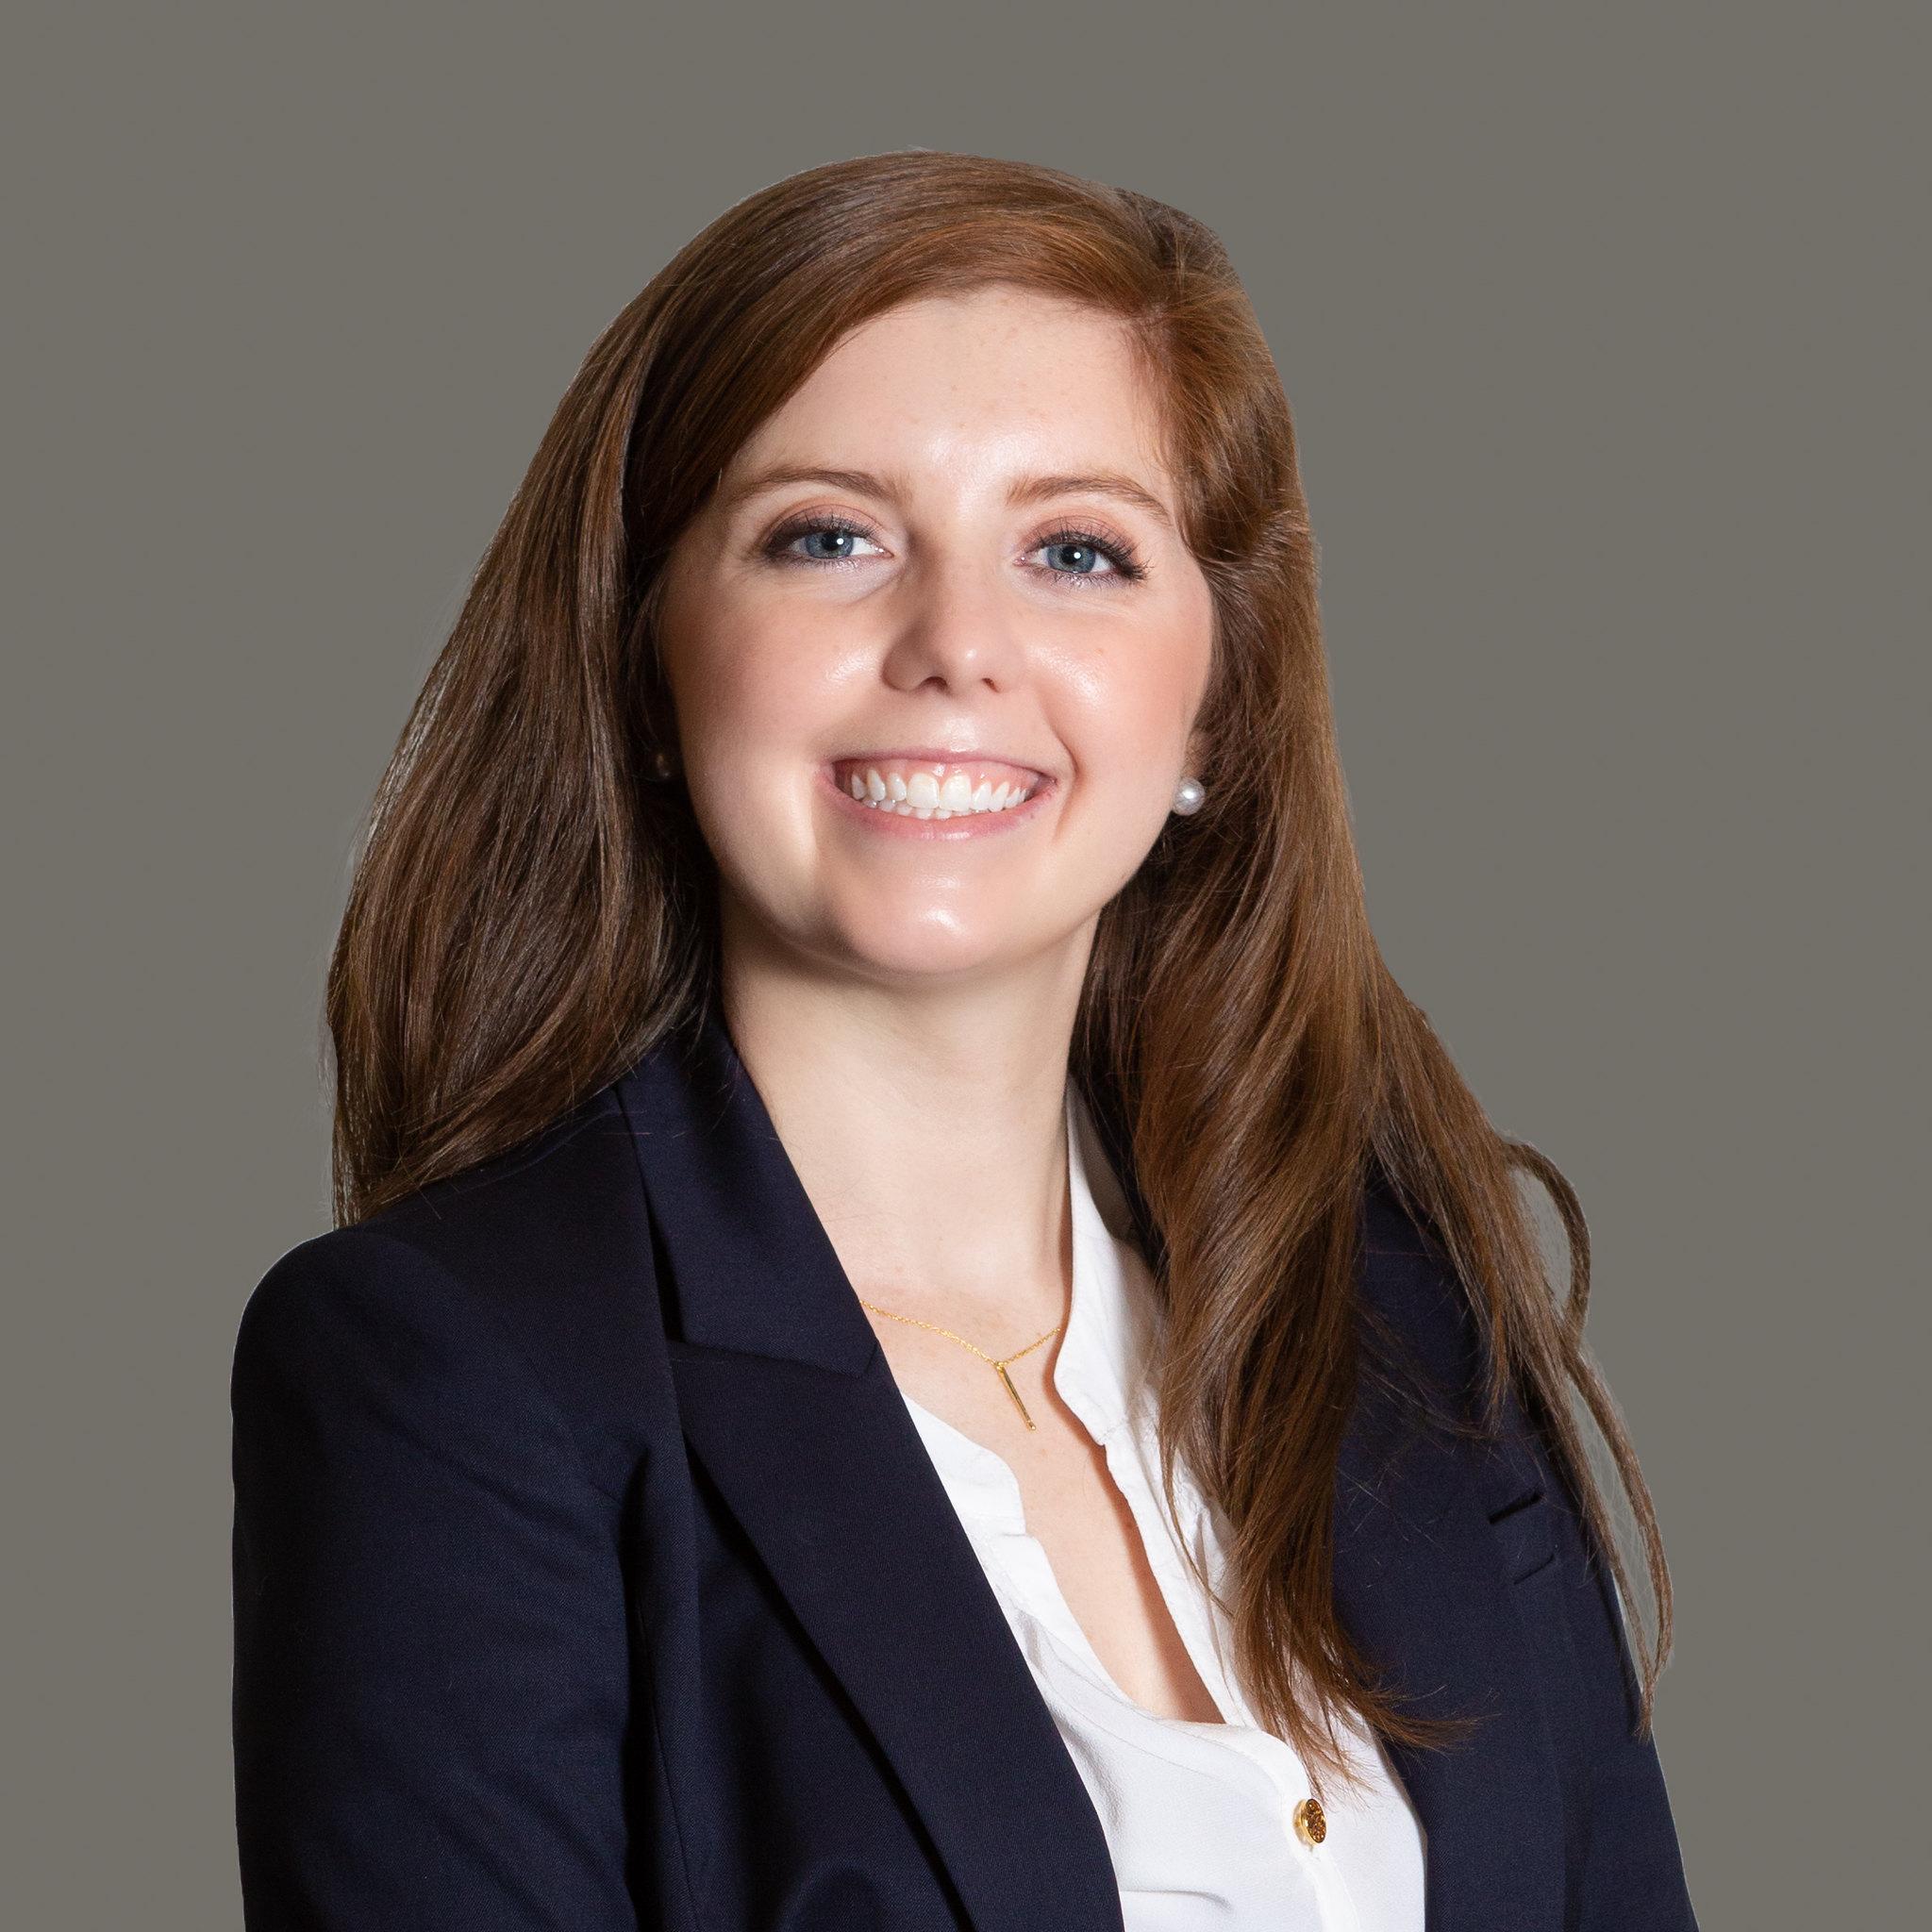 Sarah Kenyon